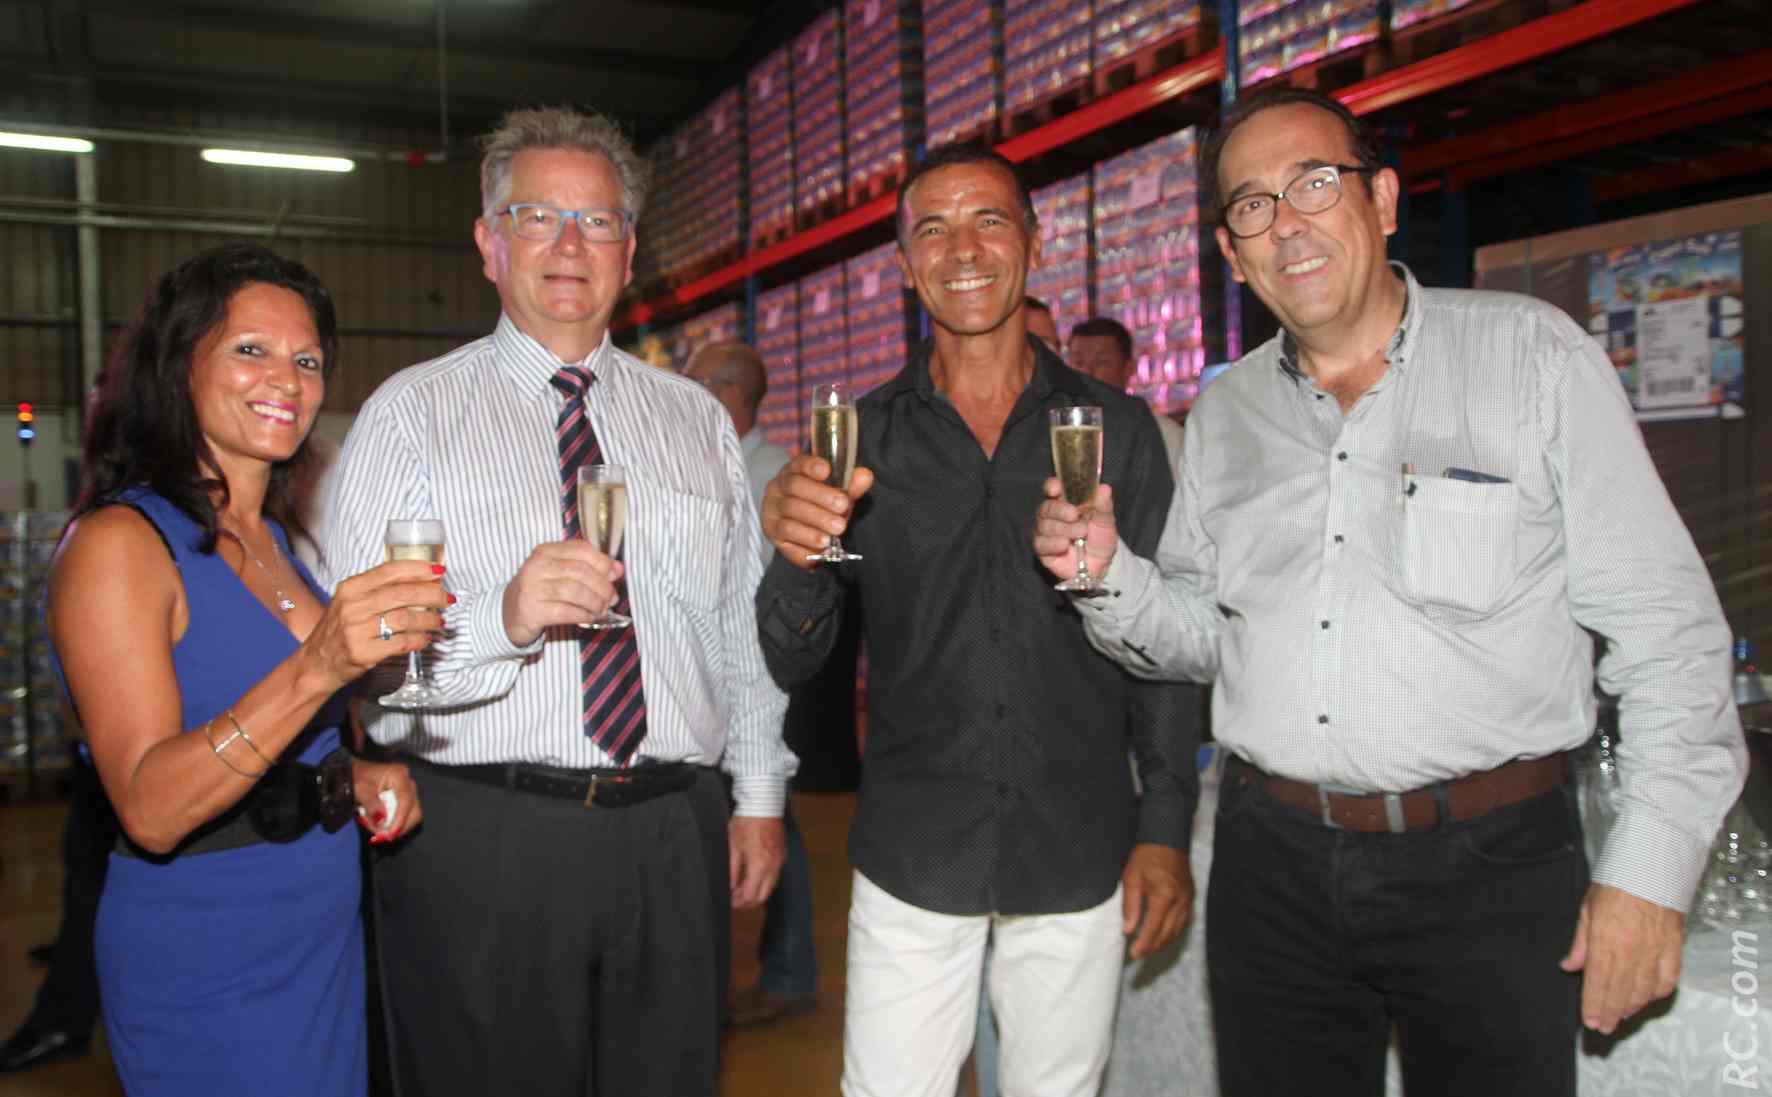 Bernard Aubery, PDG, et Benoît Rimbaud, directeur général de Grand Sud Productions avec un de leur clients